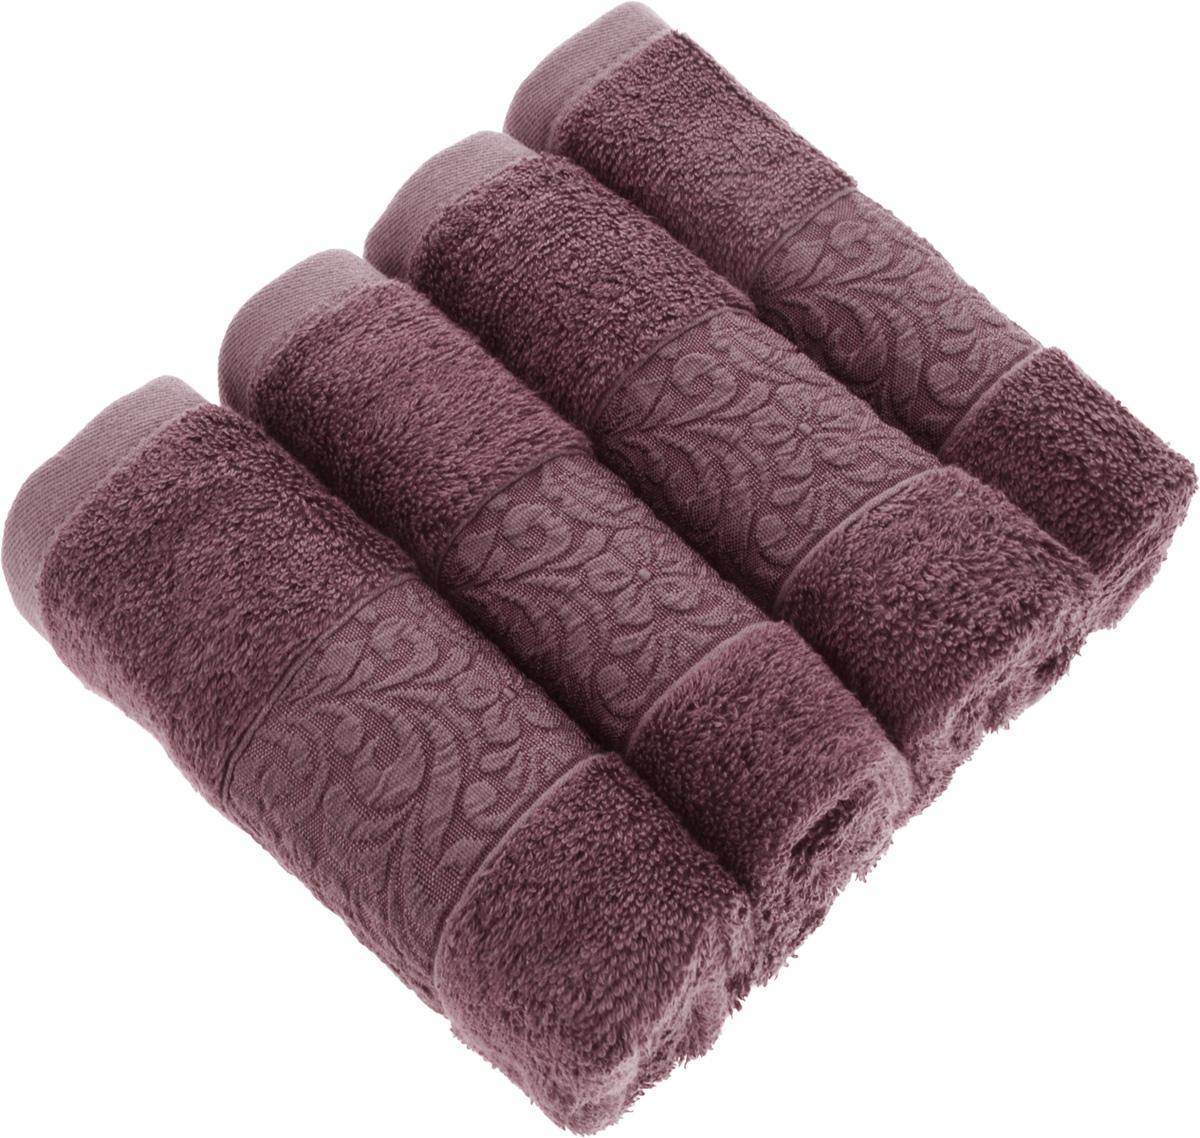 Набор бамбуковых полотенец Issimo Home Valencia, цвет: пыльная роза, 30 x 50 см, 4 штPR-2WПолотенца Issimo Home Valencia выполнены из 60% бамбукового волокна и 40% хлопка. Такими полотенцами не нужно вытираться - только коснитесь кожи - и ткань сама все впитает. Такая ткань впитывает в 3 раза лучше, чем хлопок.Набор из маленьких полотенец-салфеток очень практичен - он станет незаменимым в дороге и в путешествиях. Кроме того, это хороший, красивый и изысканный подарок.Несмотря на богатую плотность и высокую петлю полотенец, они быстро сохнут, остаются легкими даже при намокании.Набор бамбуковых полотенец имеет красивый жаккардовый бордюр, выполненный с орнаментом в цвет изделия. Благородные, классические тона создадут уют и подчеркнут лучшие качества махровой ткани, а сочные, яркие, летние оттенки создадут ощущение праздника и наполнят дом энергией. Красивая, стильная упаковка этих полотенец делает их уже готовым подарком к любому случаю.